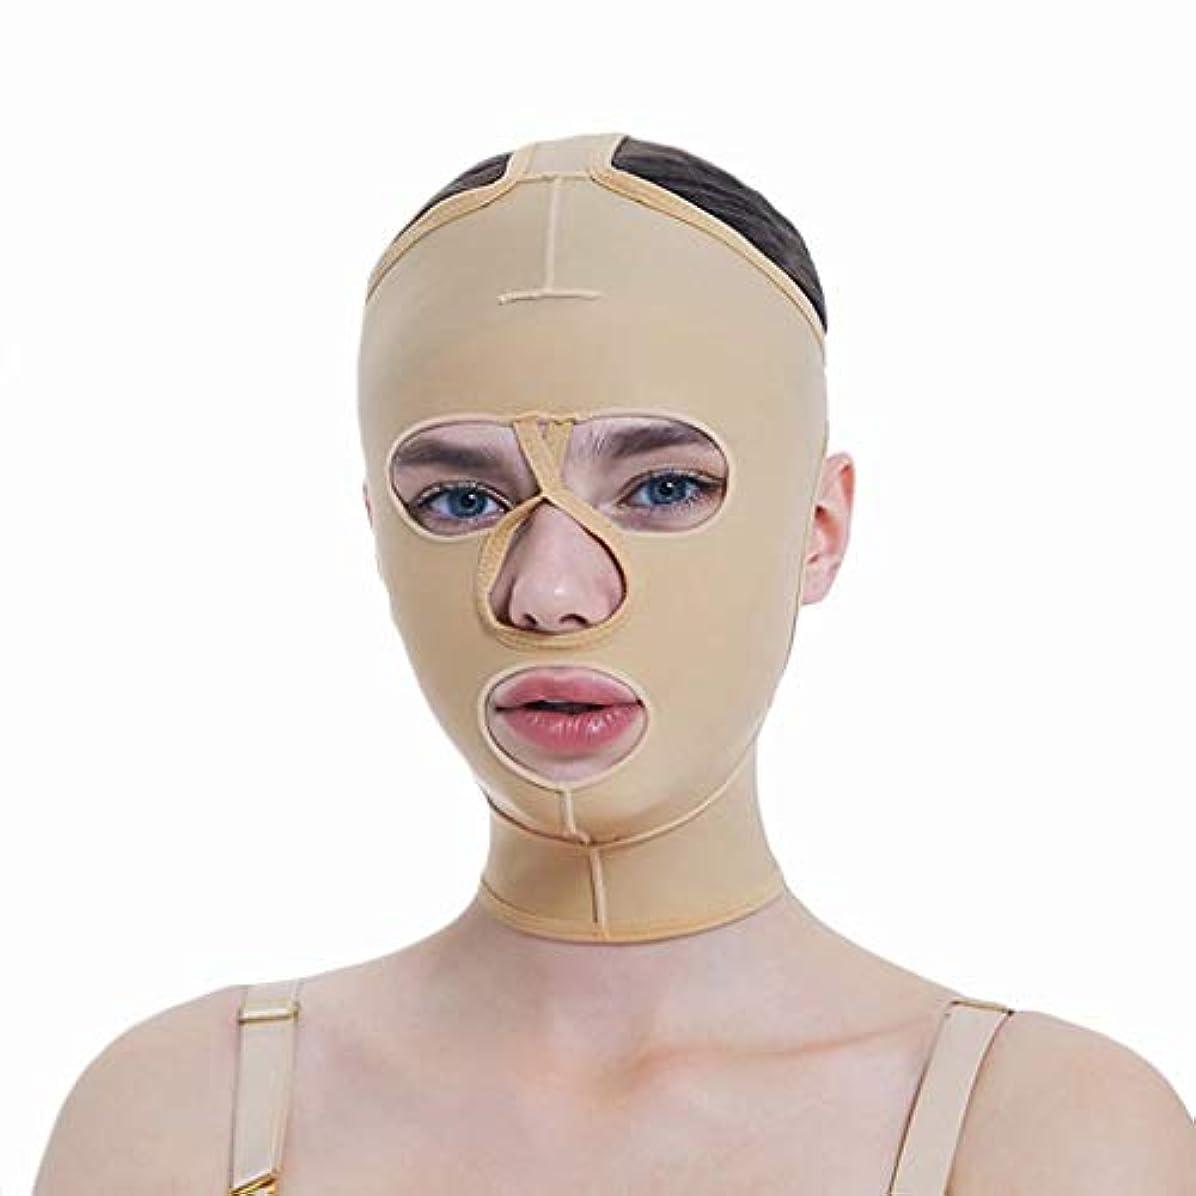 発明する町スペルフェイシャル減量マスク、フルカバレッジ包帯、フルフェイスリフティングマスク、フェイスマスク、快適で リフティングシェーピング(サイズ:S),ザ?